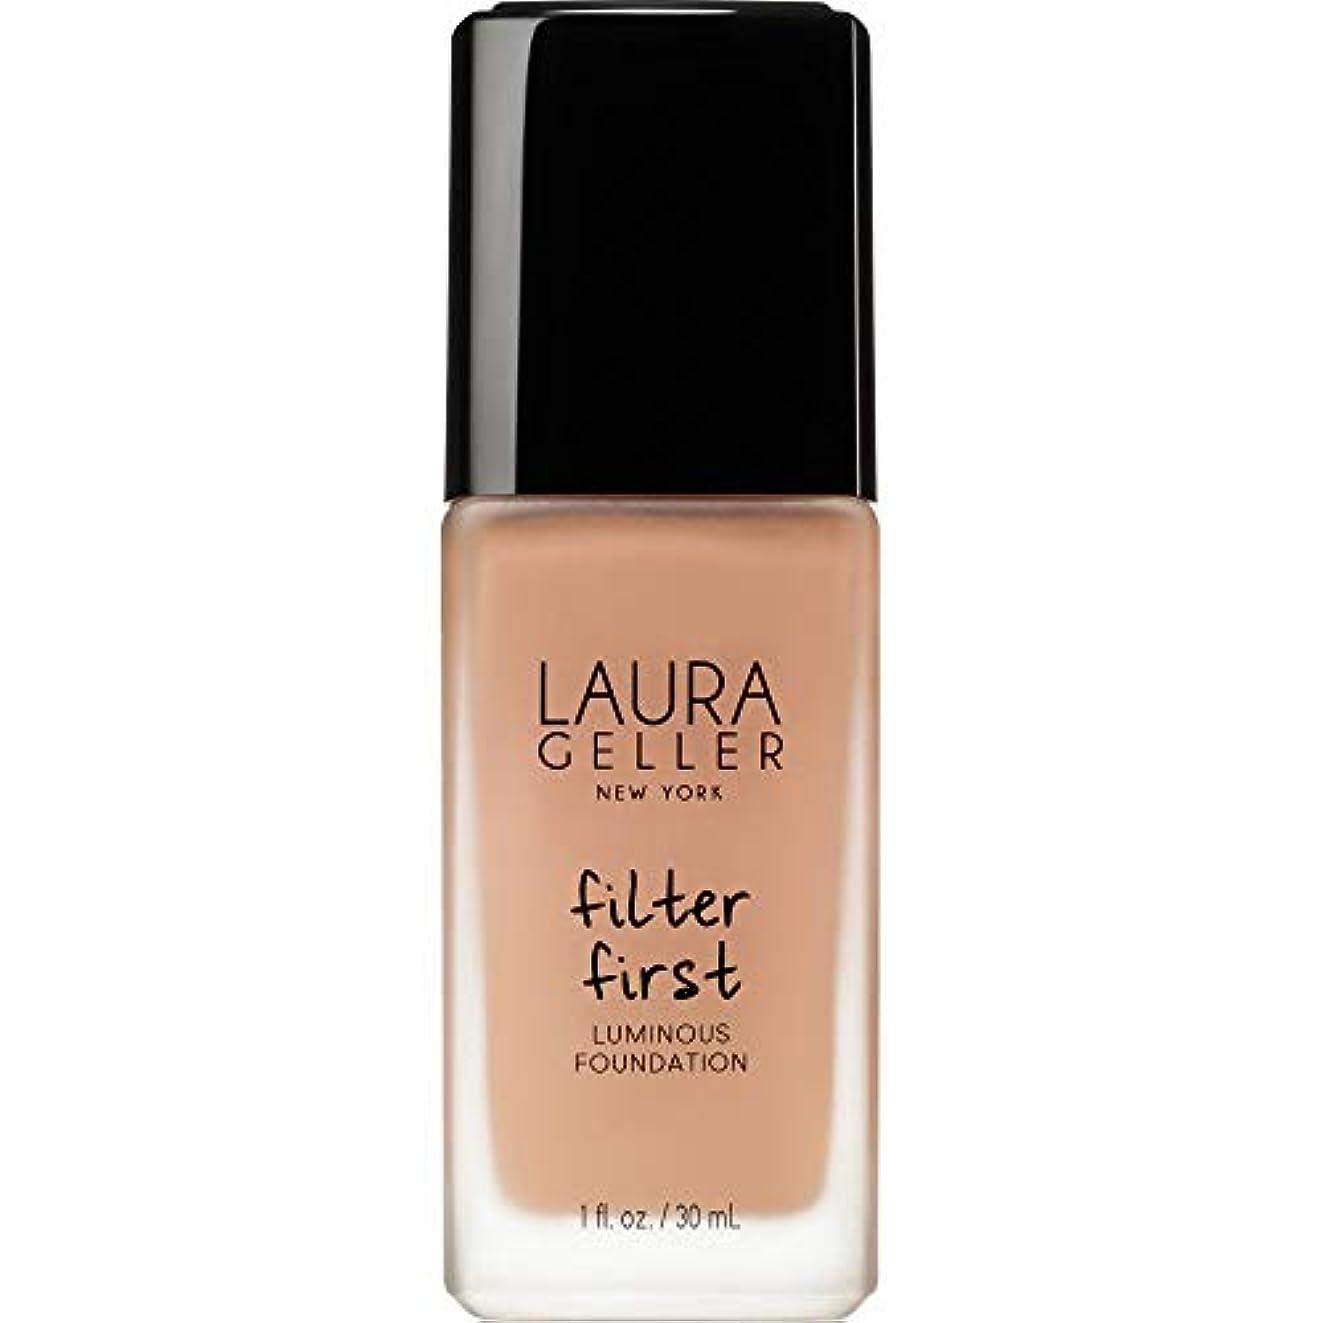 ピルファー買収派生する[Laura Geller] ローラ?ゲラーは、最初の発光基盤の30ミリリットル黄金のメディアをフィルタリング - Laura Geller Filter First Luminous Foundation 30ml Golden...